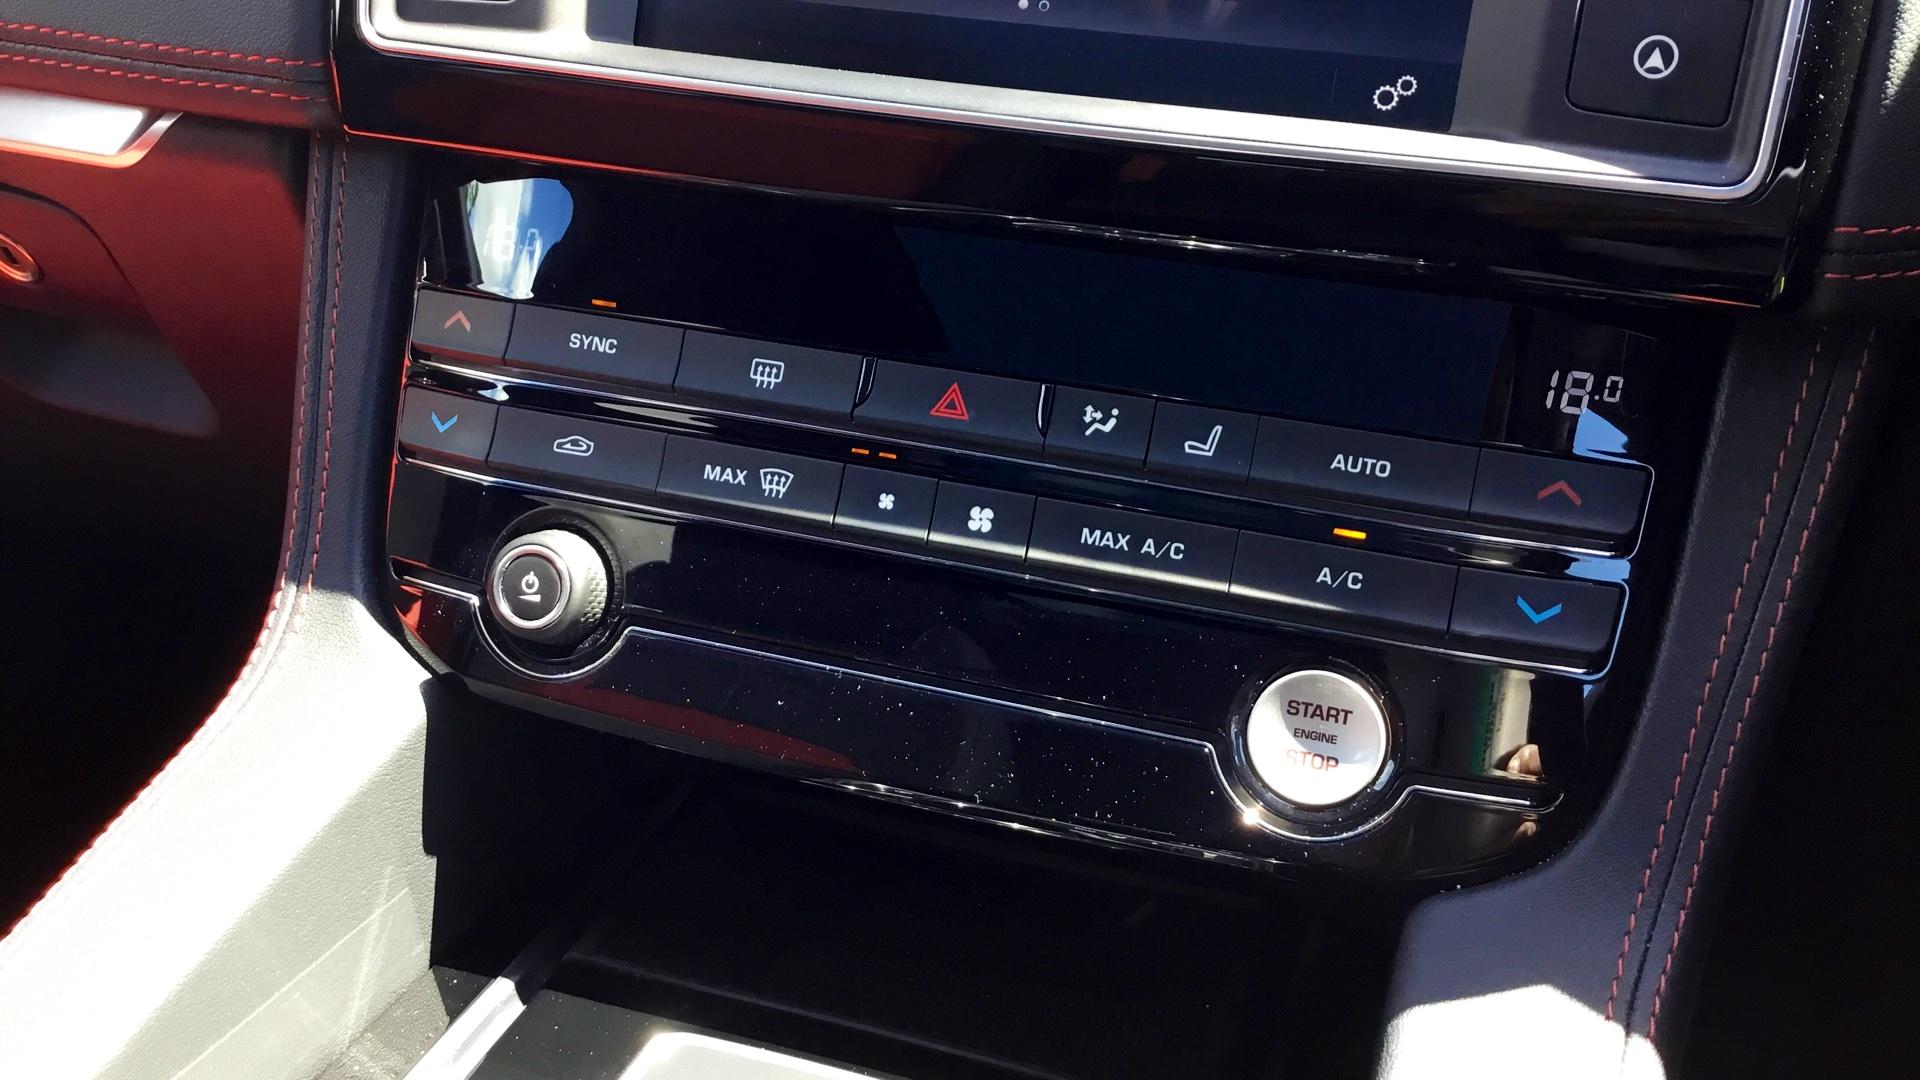 Used Jaguar F Pace 2 0D R Sport 5Dr Auto Awd Diesel Estate for Sale